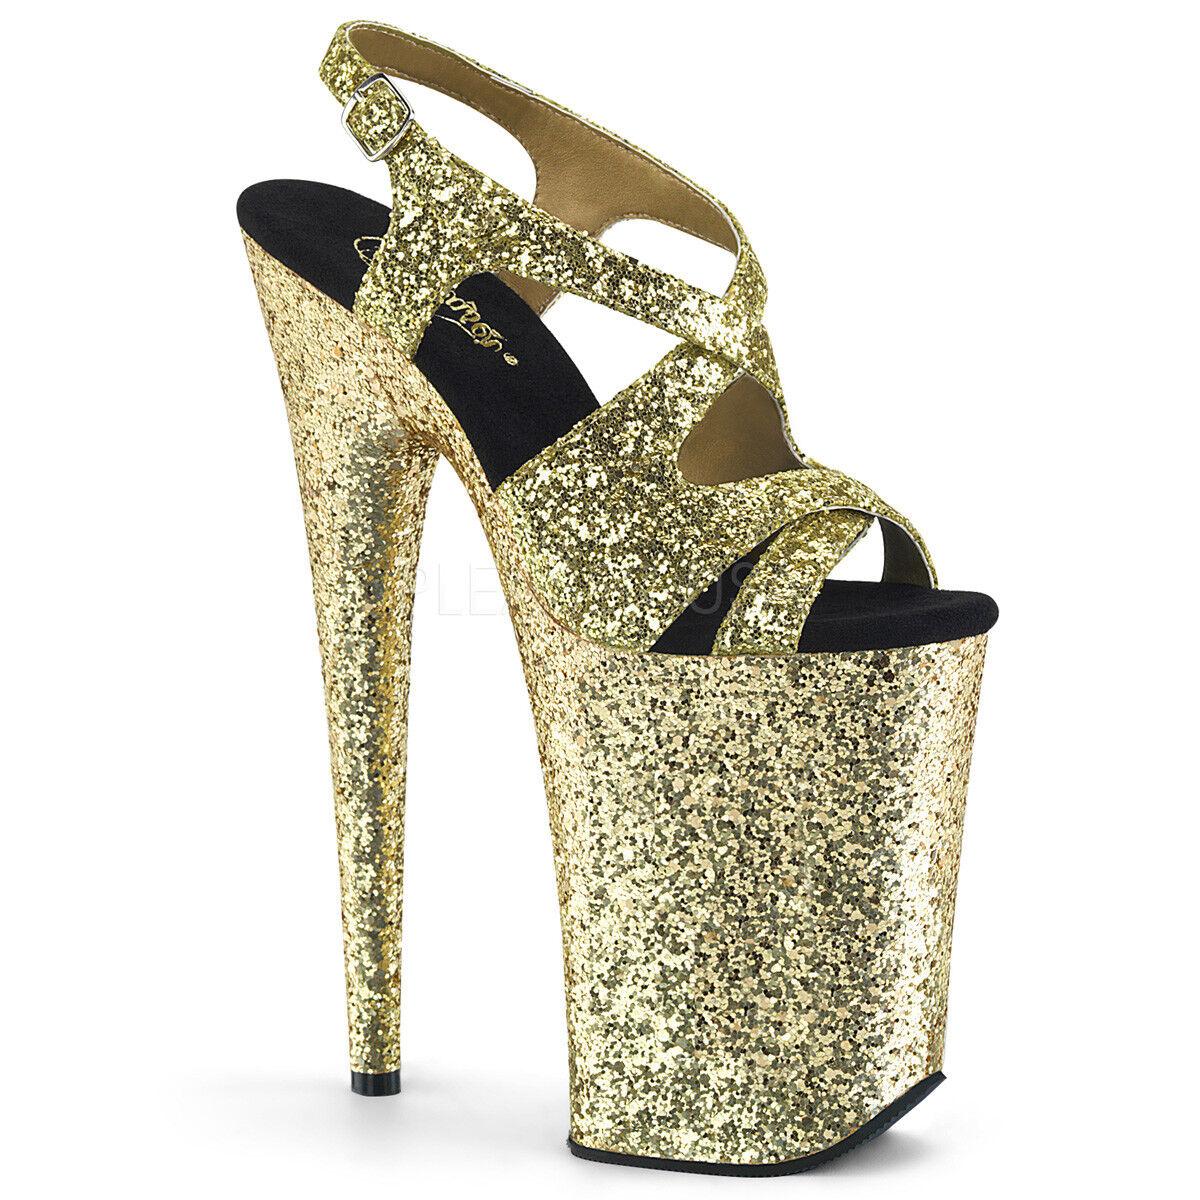 PLEASER 9  Heel Heel Heel Tall Platform Criss Cross Sling Back Gold Glitter Stripper schuhe 423c86